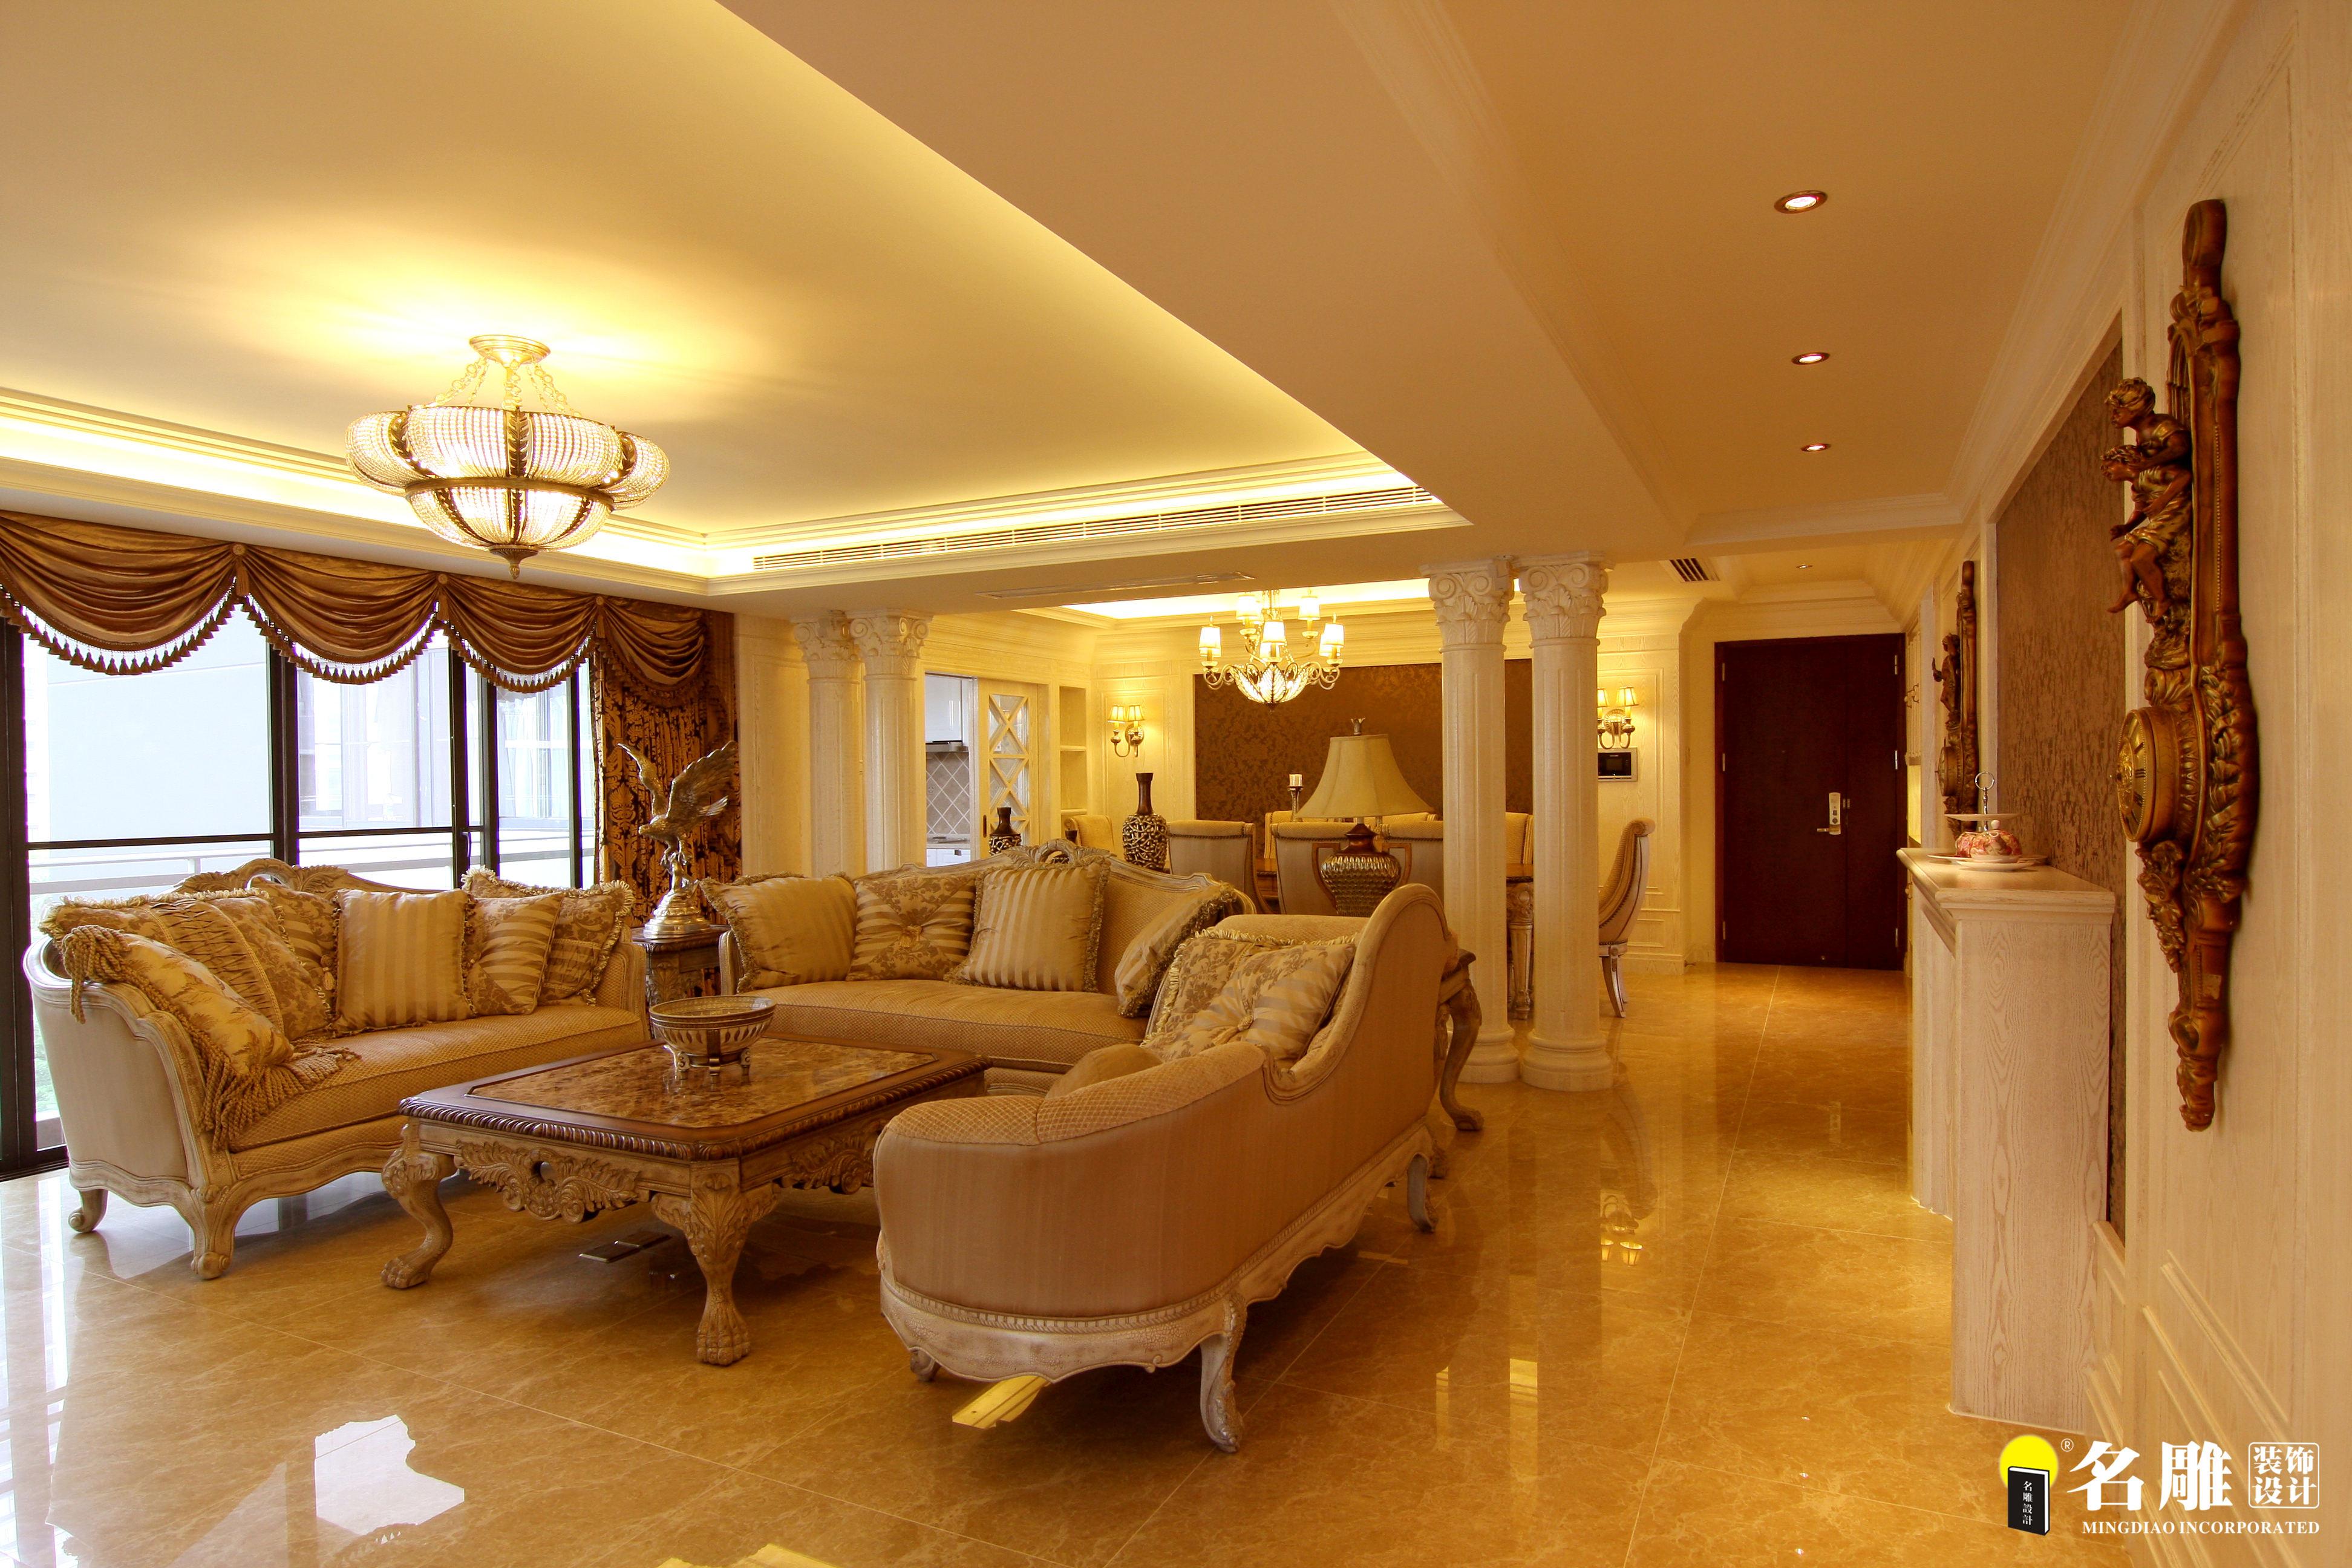 欧式 三居 高富帅 中信红树湾 名雕装饰 白富美 奢华家居 客厅图片来自名雕装饰邓工在欧式风格-160平三居室奢华家装的分享